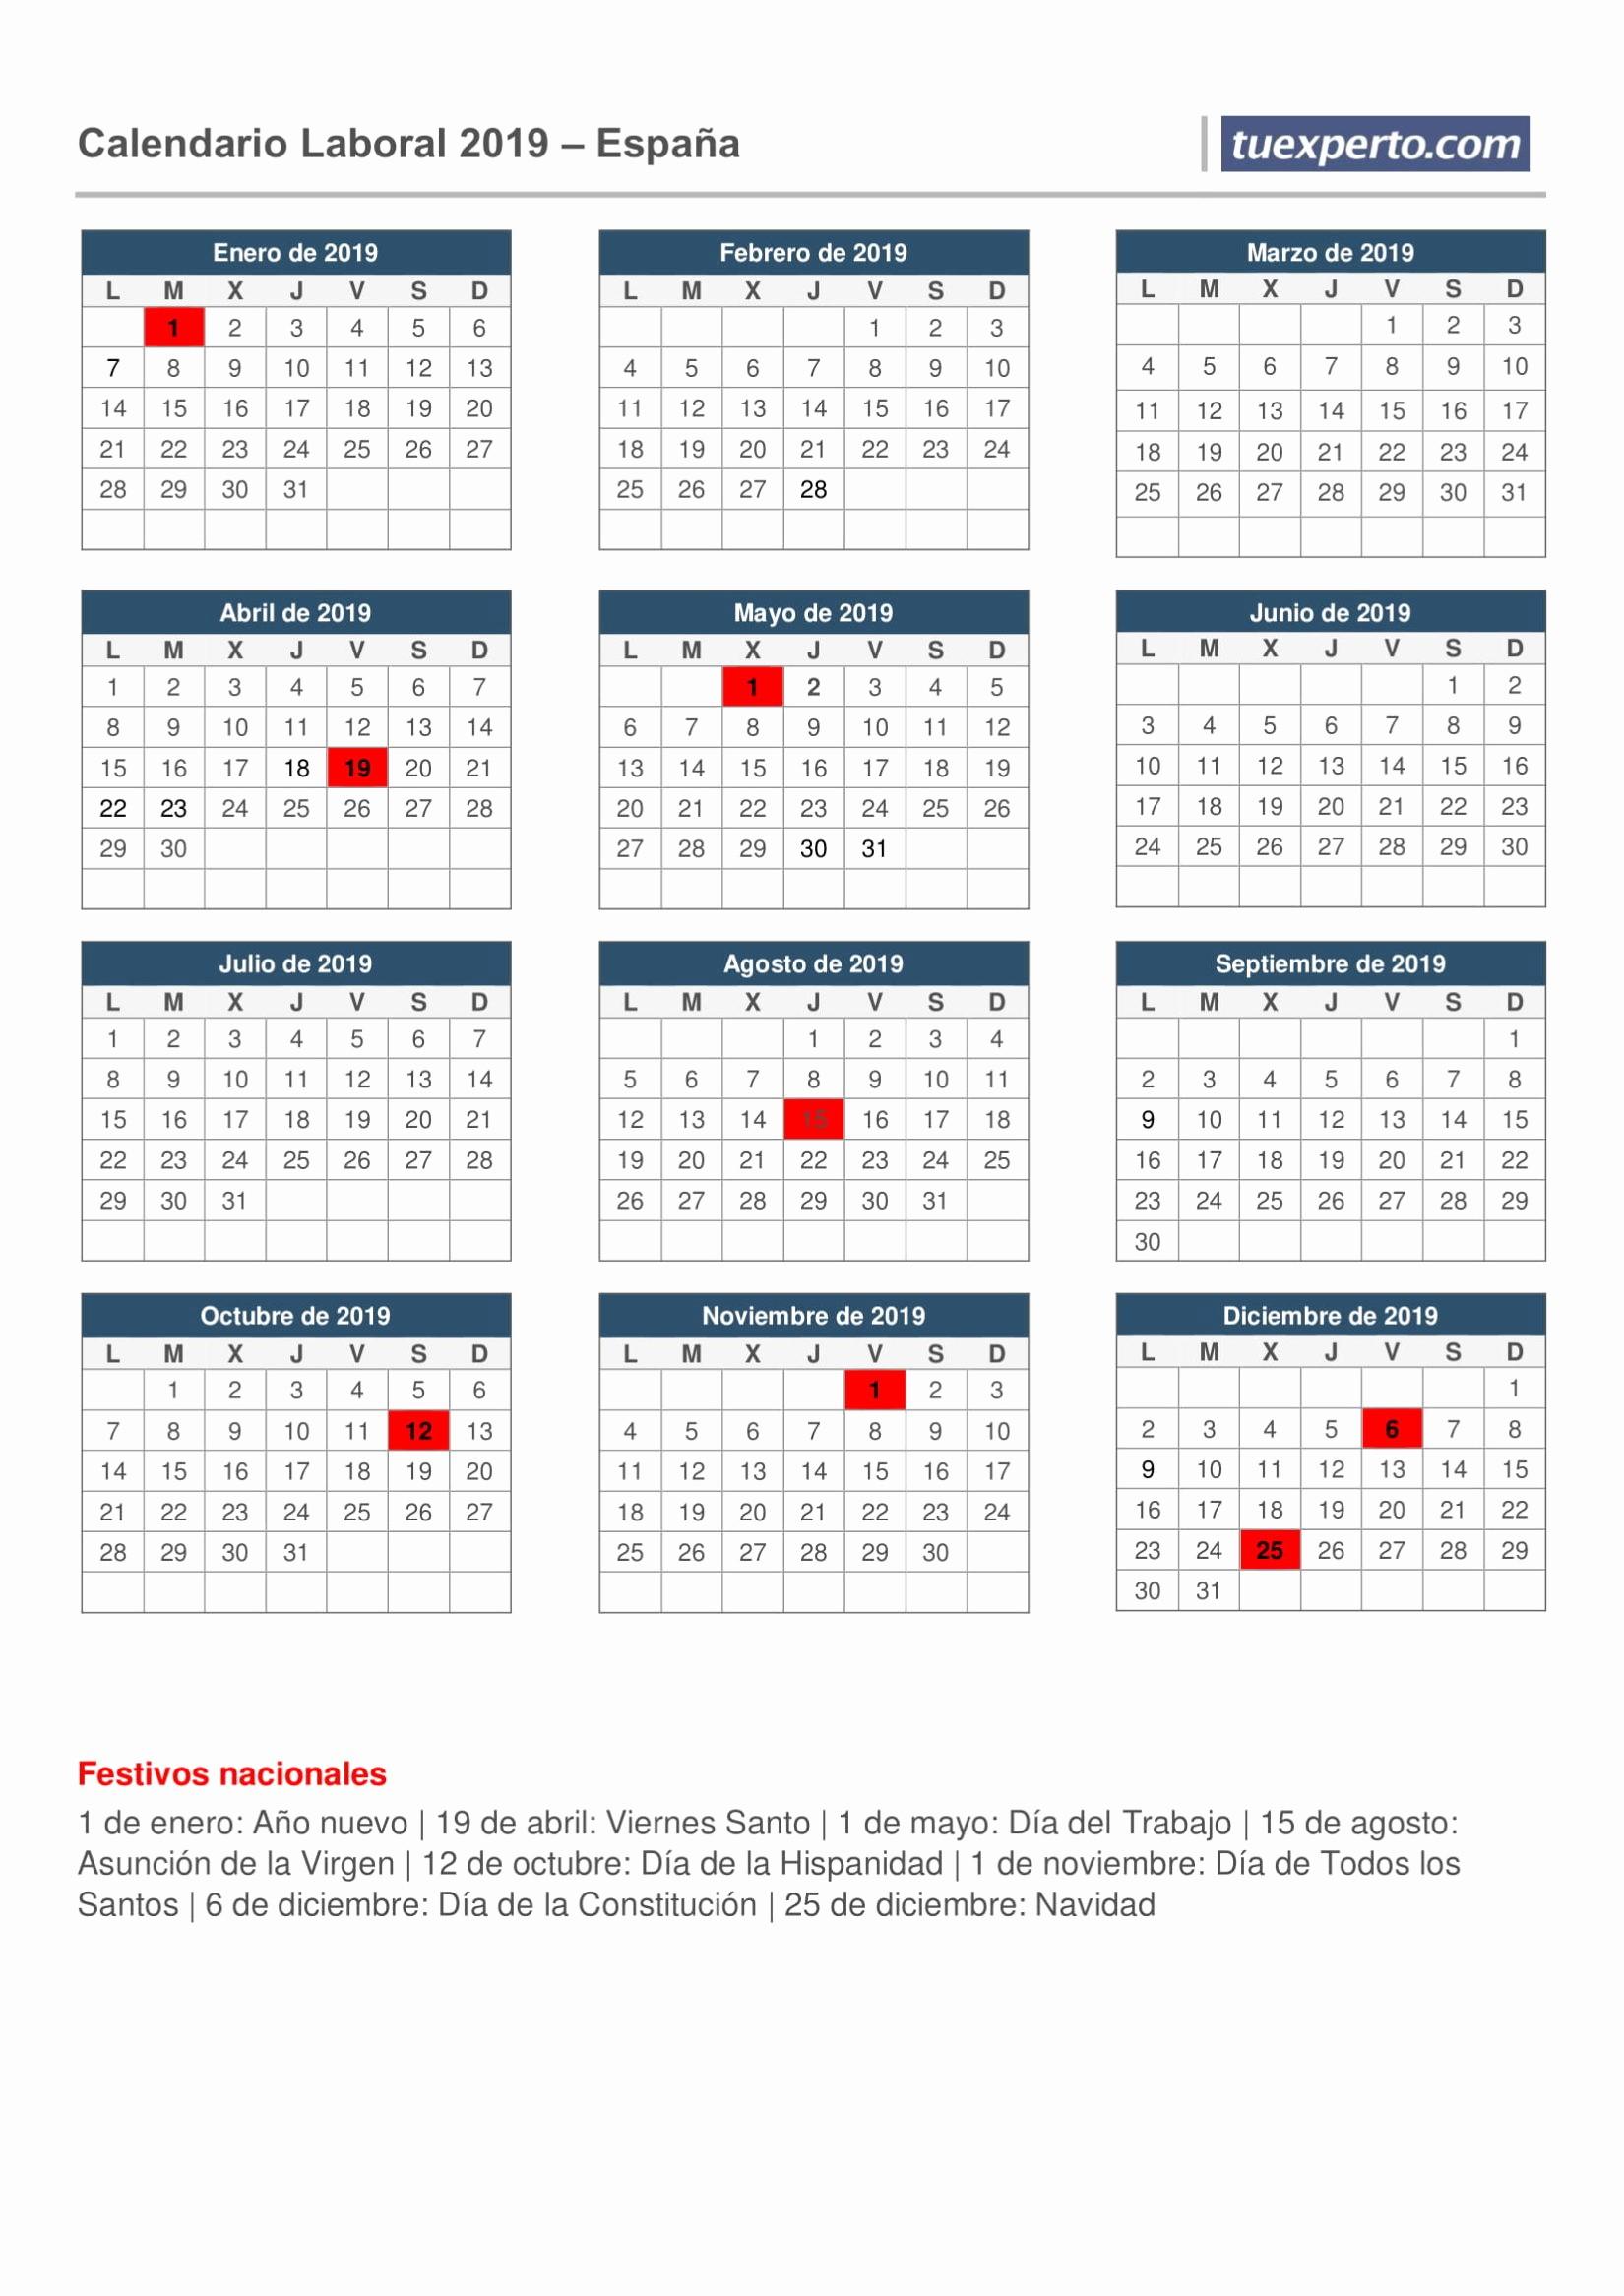 Calendario Laboral Construccion Las Palmas 2019 Calendario Laboral 2019 Calendarios Con Festivos Por